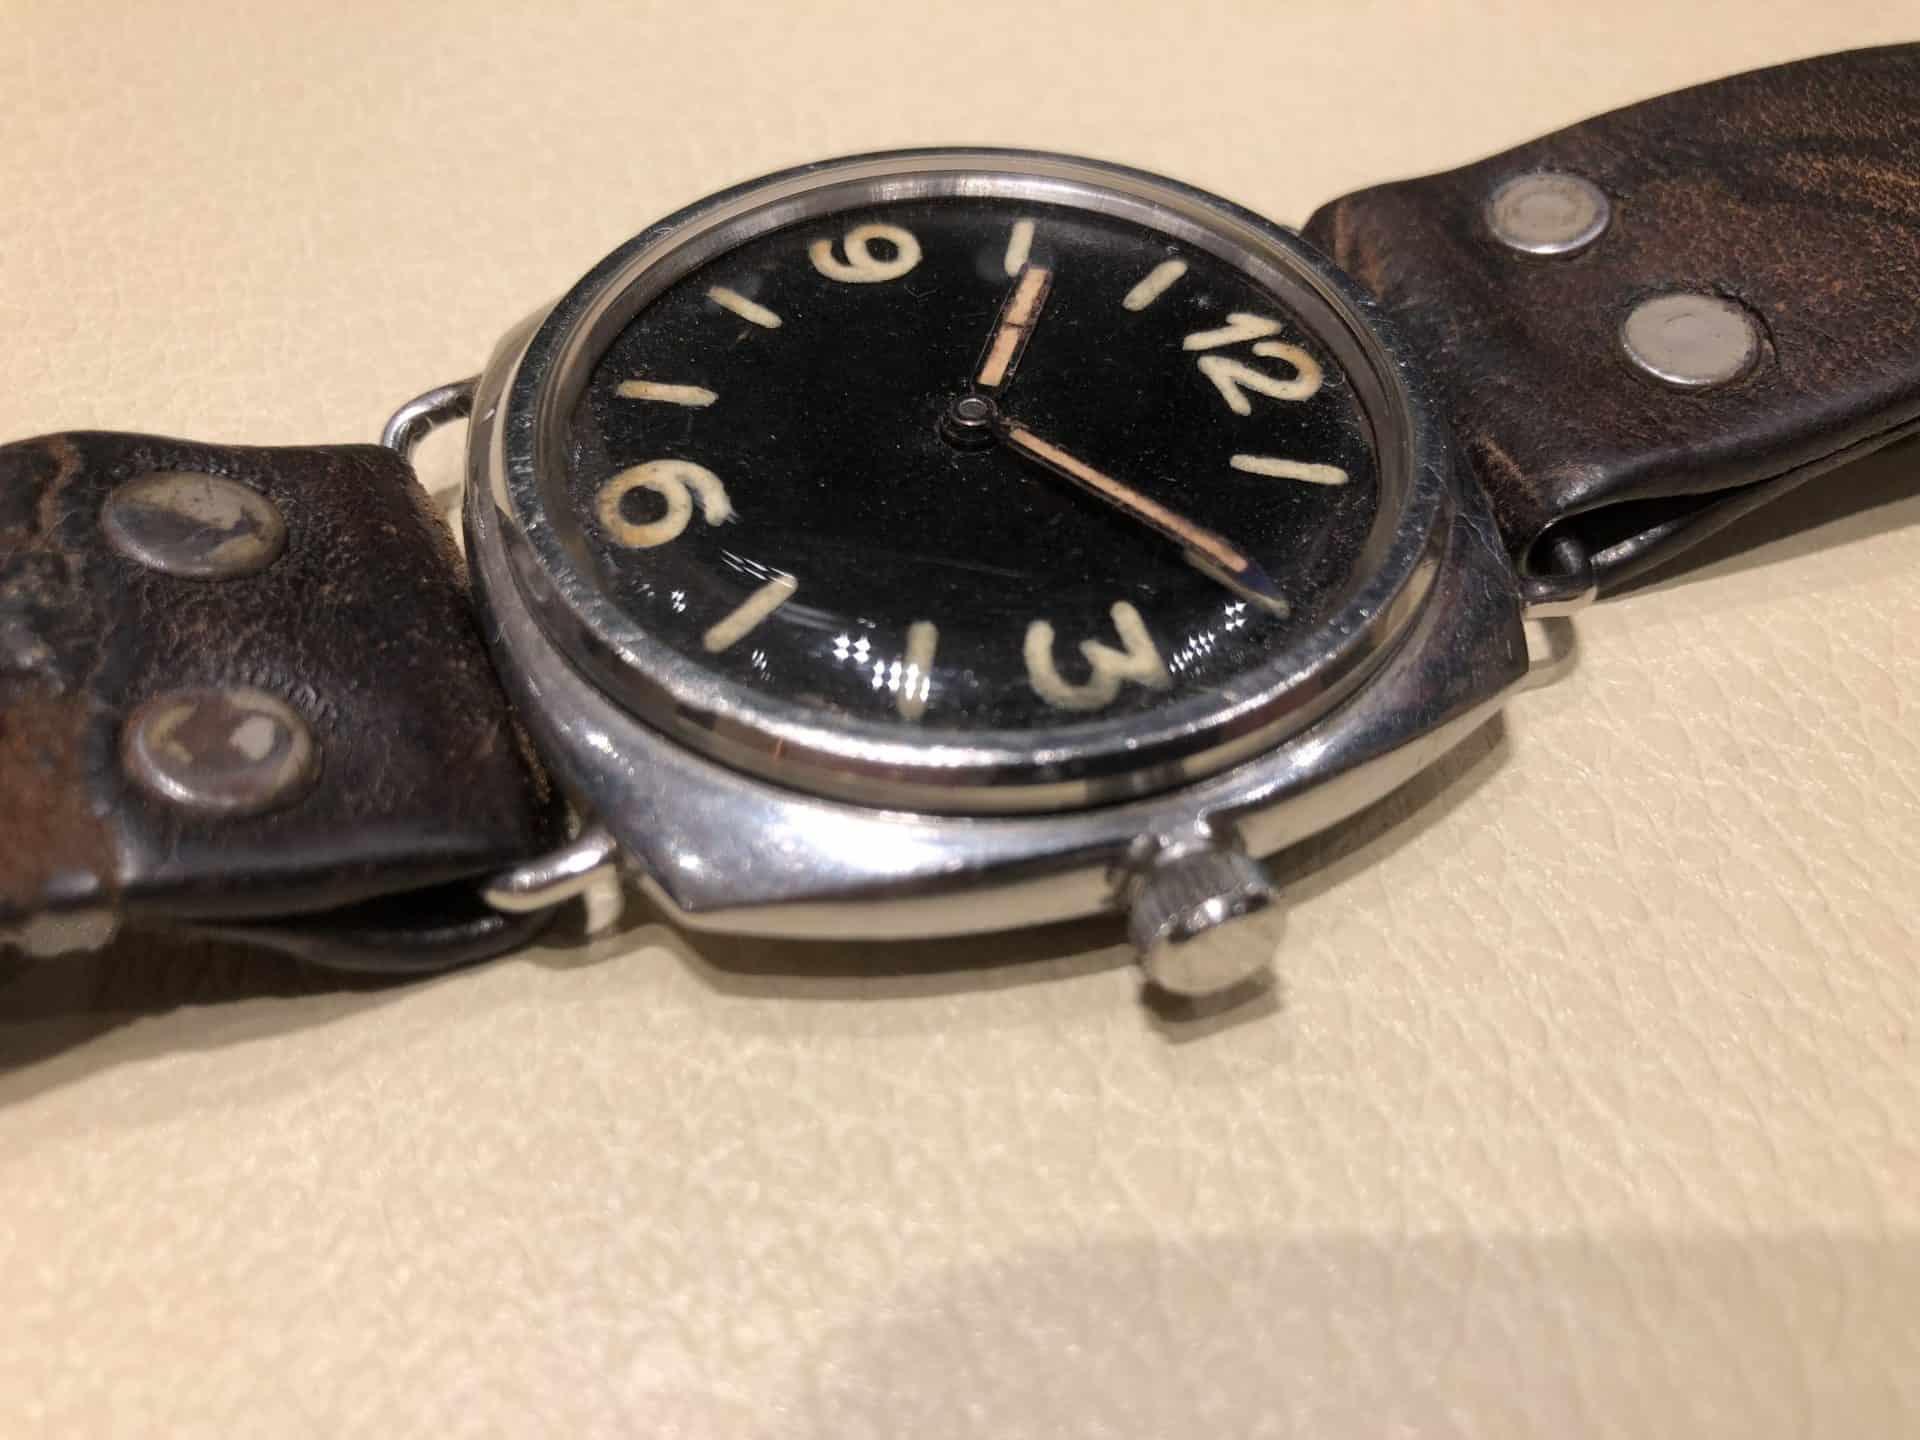 Eine alte Panerai Radiomir Uhr mit Rolex Cortebert-Kaliber aus den 30-er Jahren